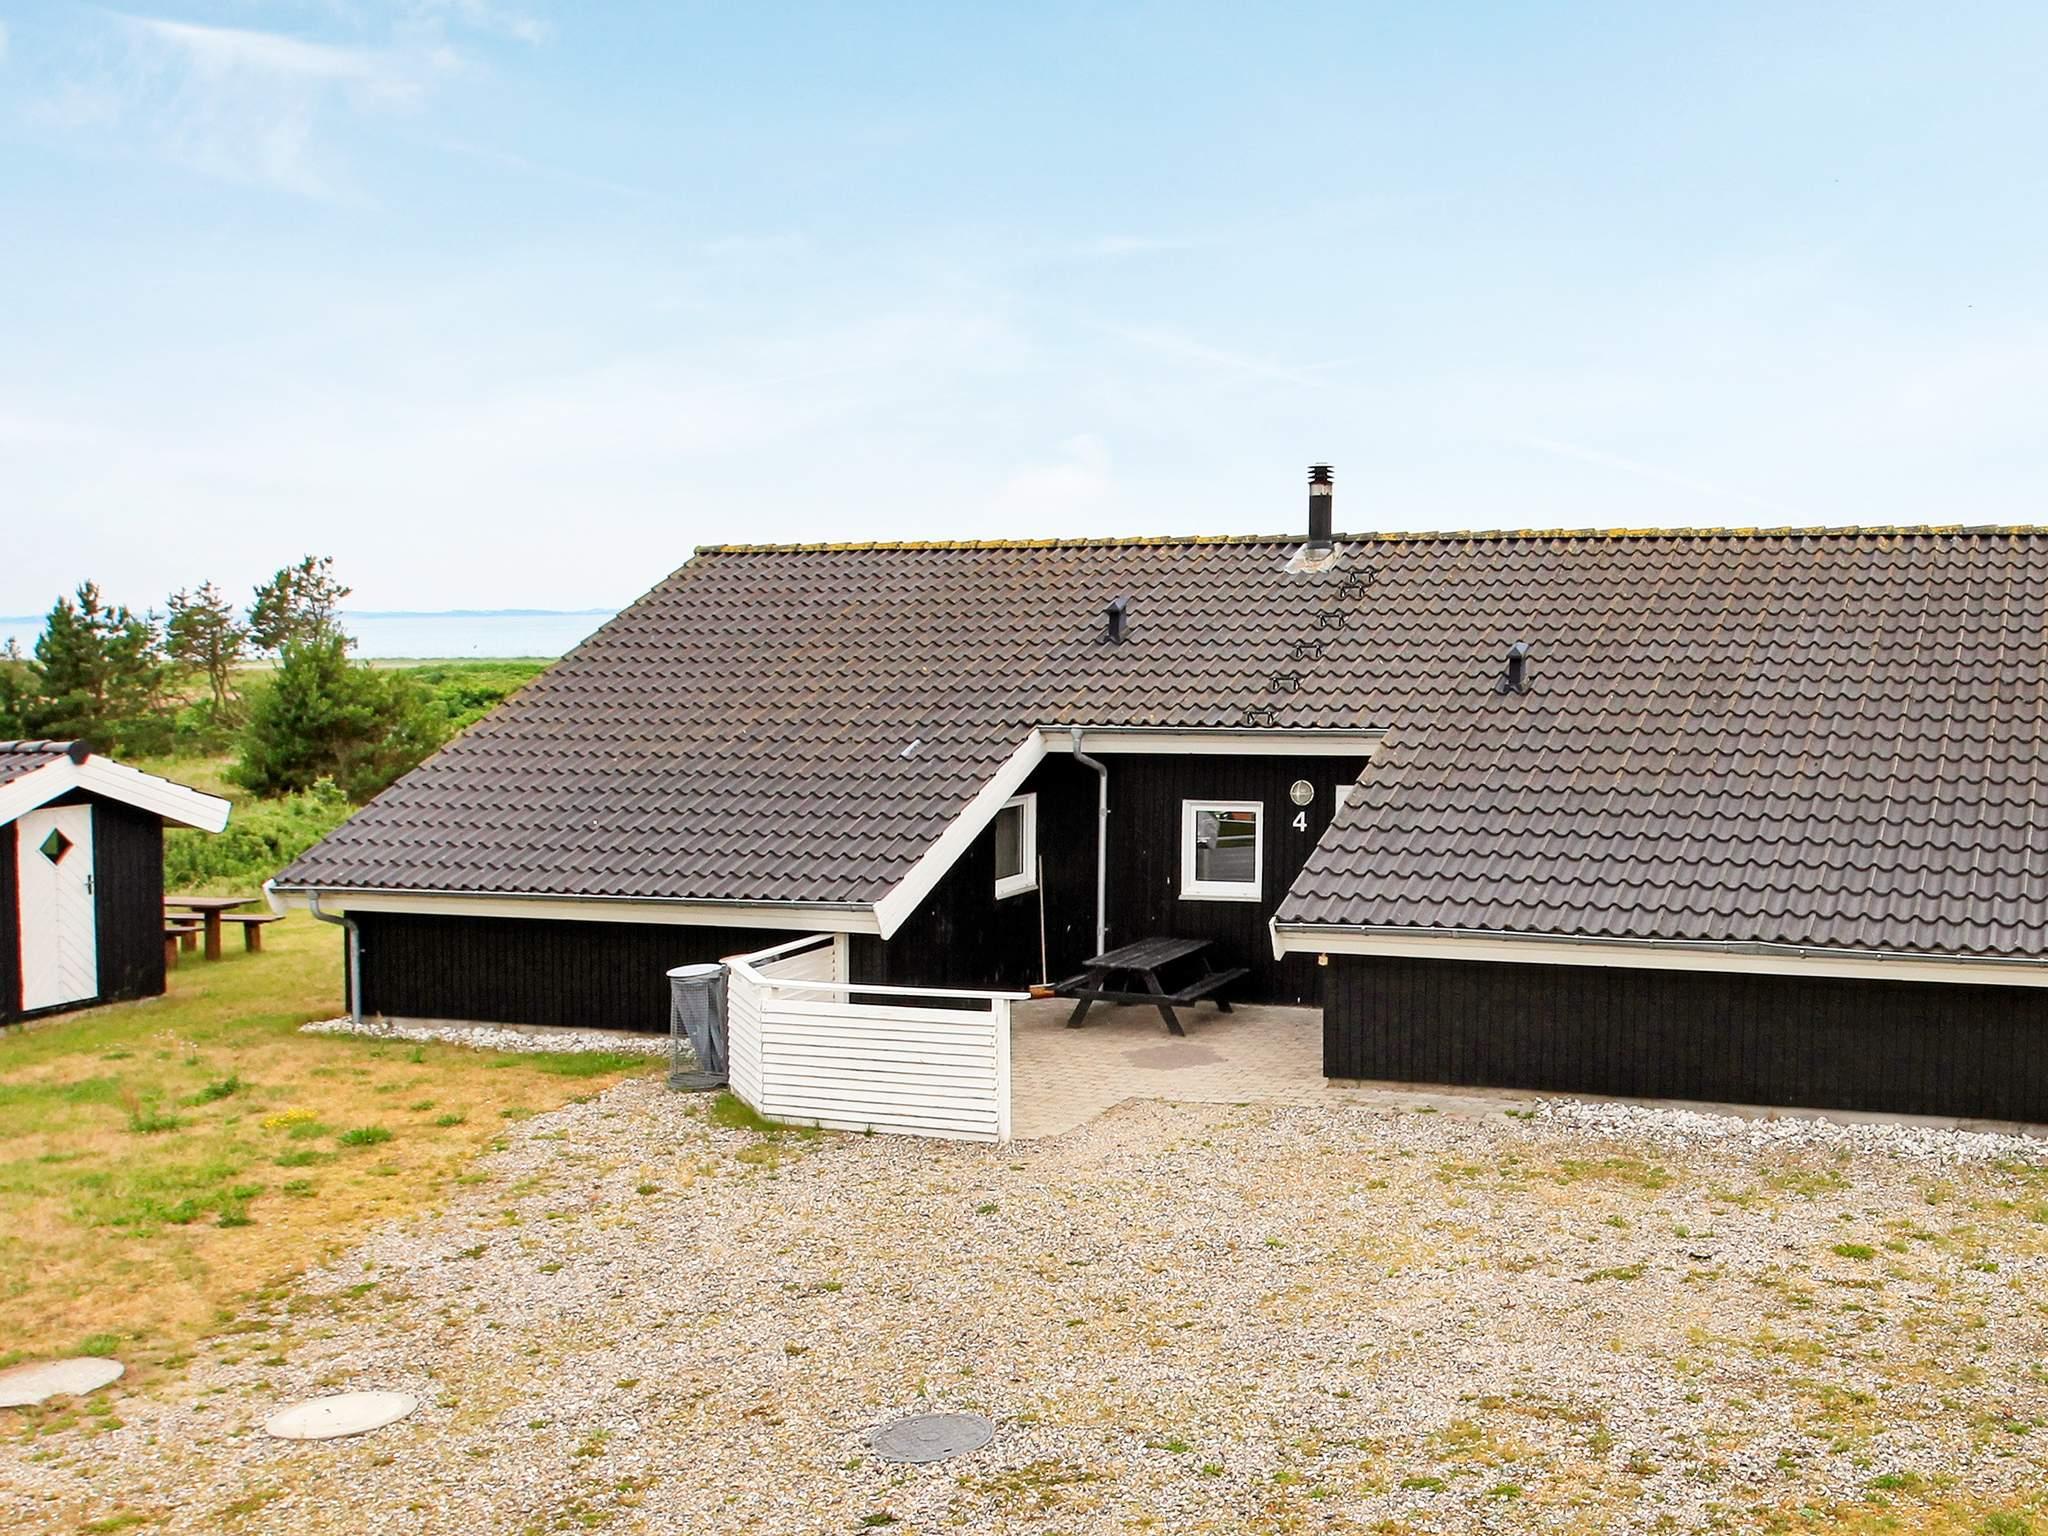 Ferienhaus Trend (81953), Løgstør, , Limfjord, Dänemark, Bild 1